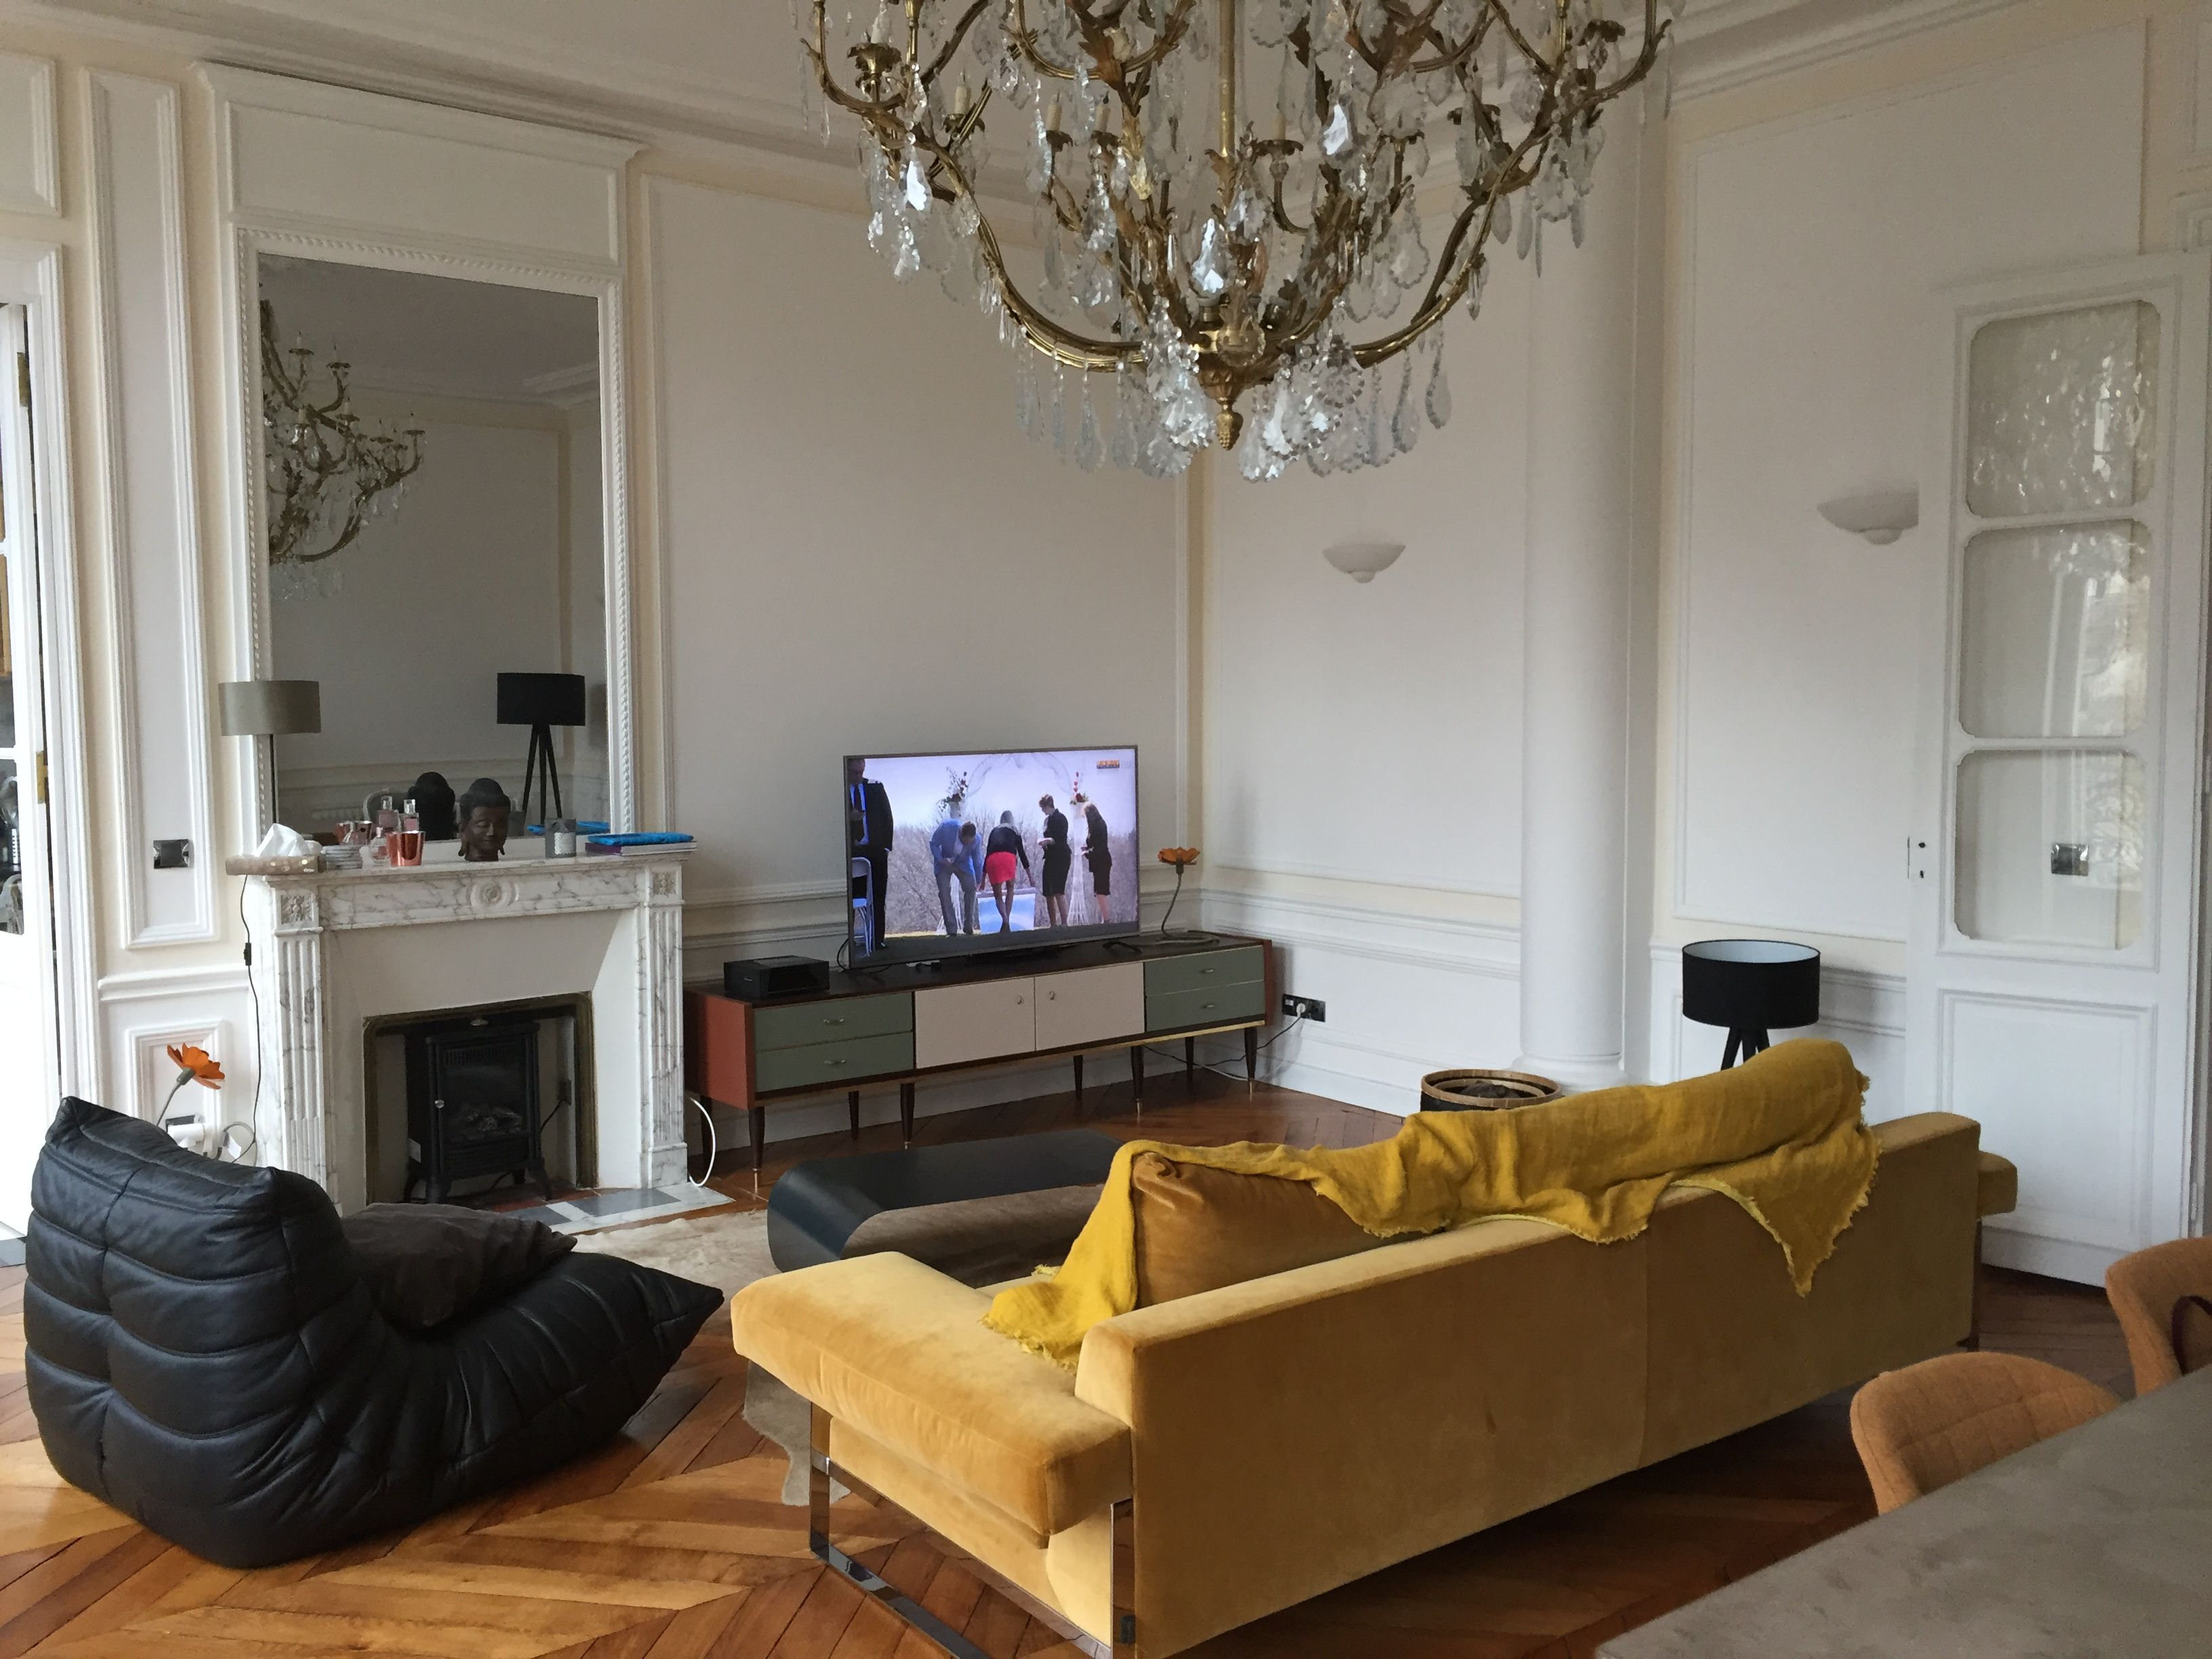 Refurbished Vintage Furniture Renovated Secondhand Furniture Renovation De Meuble De Seconde Main Vintage